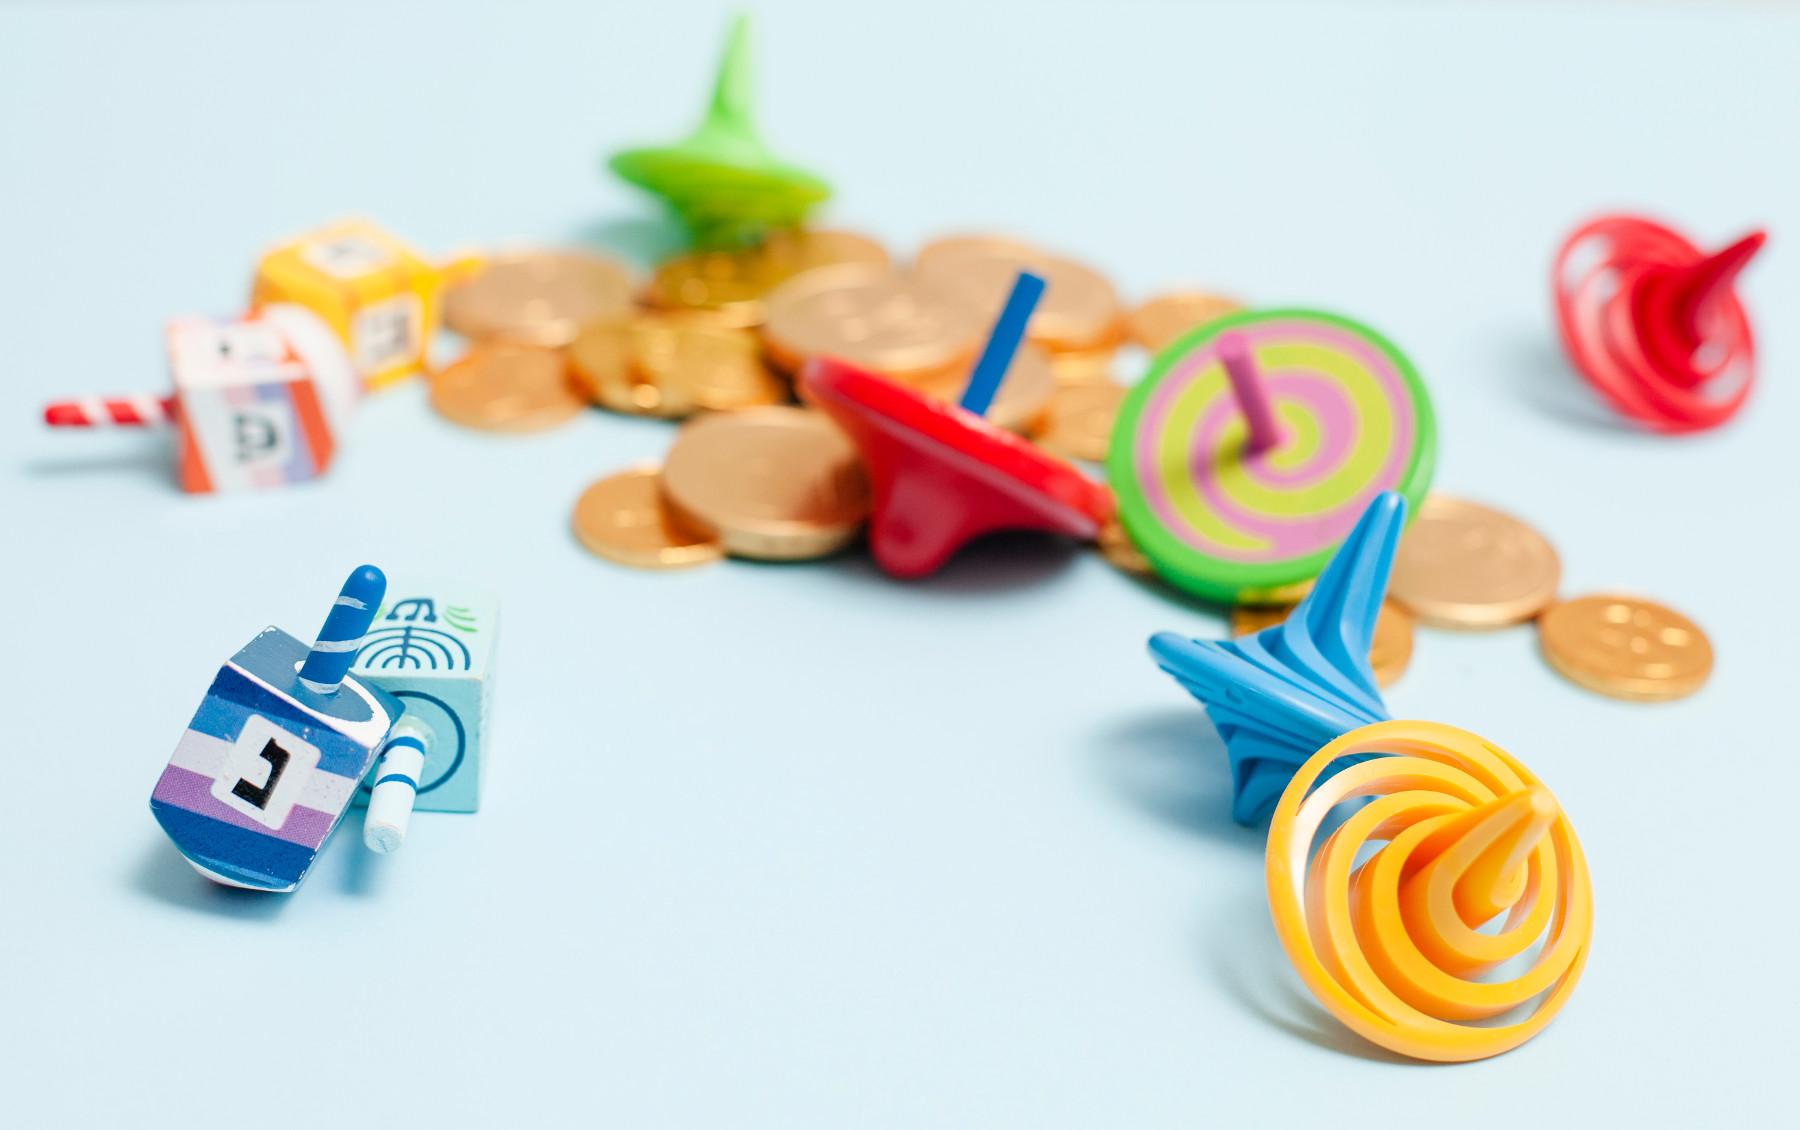 פעילויות לילדים: 4 רעיונות למשחקי סביבונים